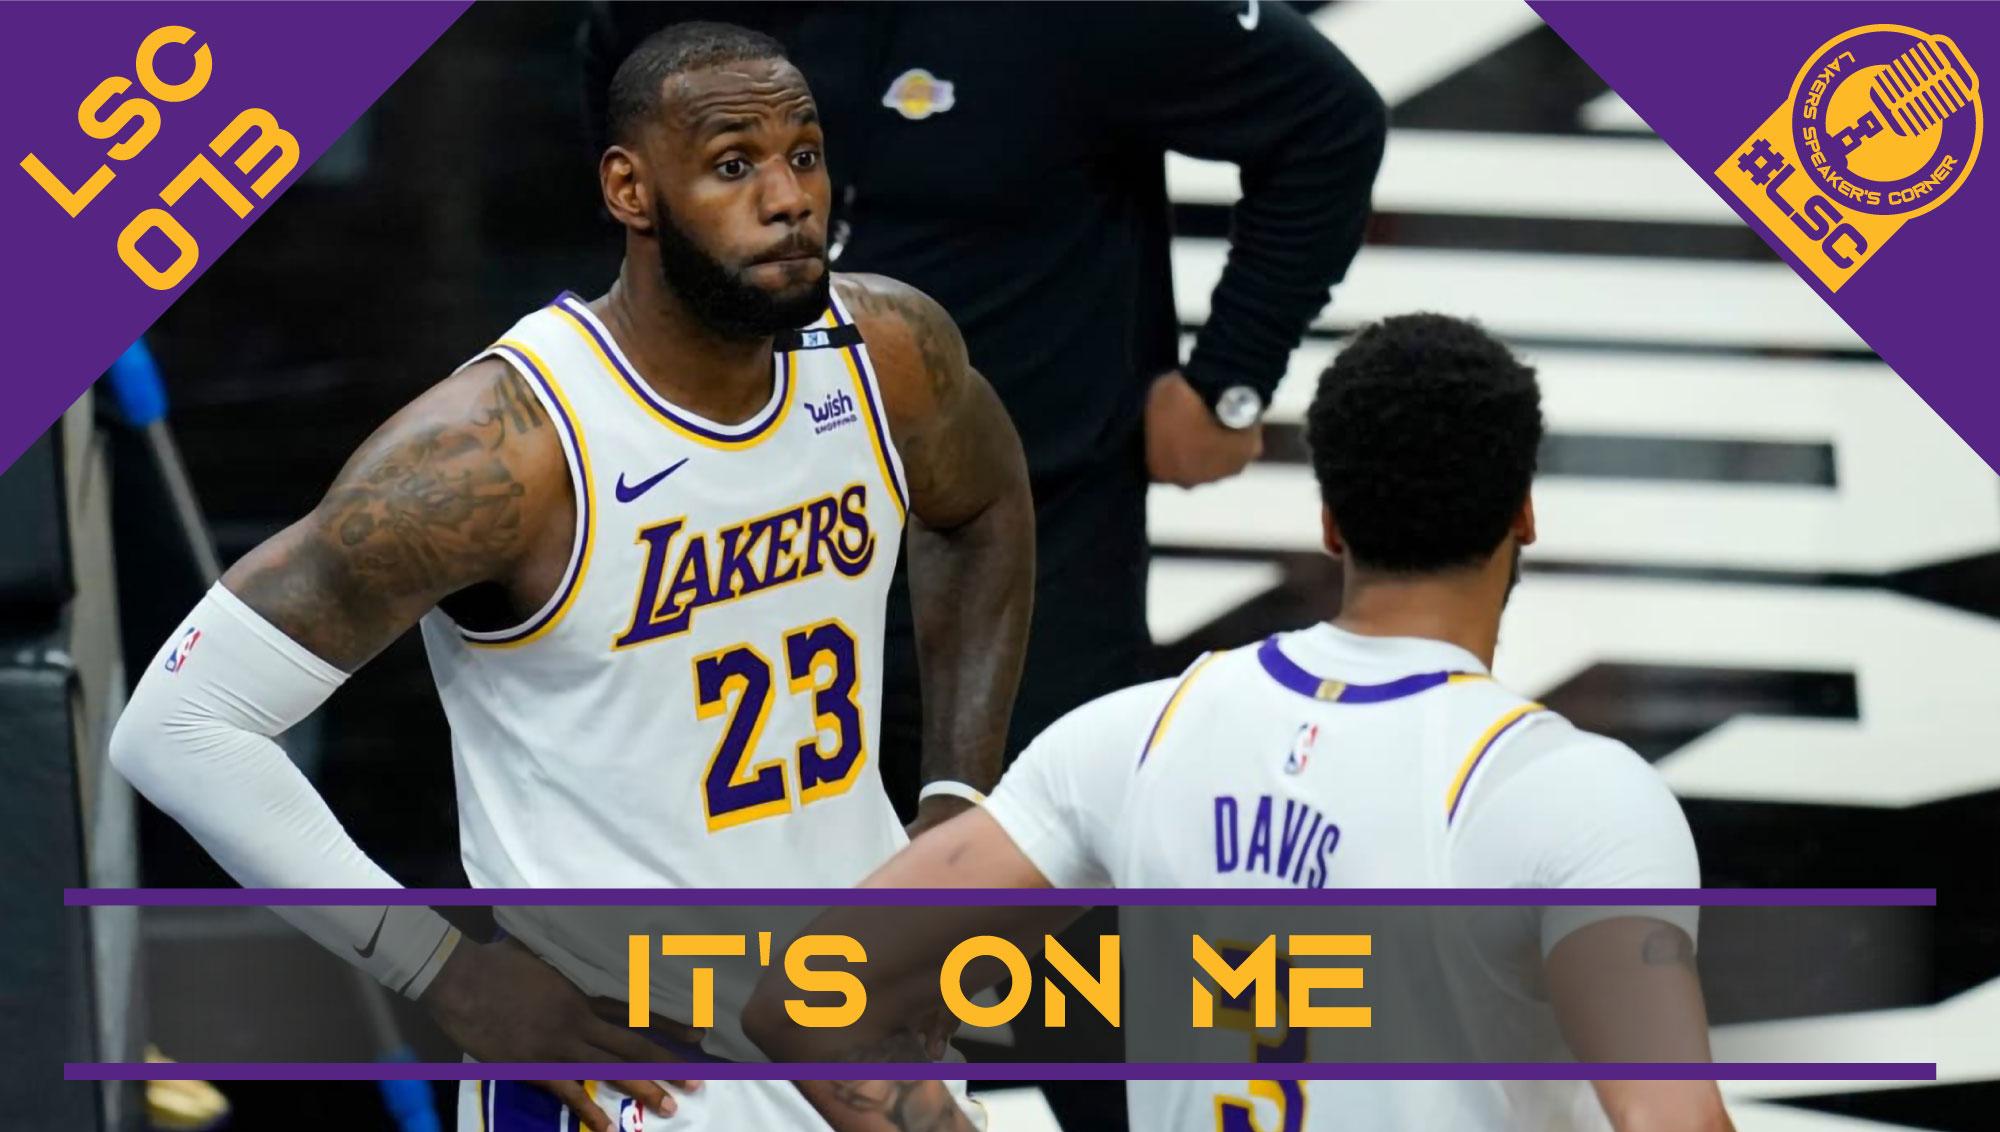 L'analisi di Gara 1 tra Suns e Lakers, la brutta prova di Anthony Davis e i possibili aggiustamenti in vista di Gara 2. Il tutto in compagnia di Andrea Bandiziol di True Shooting e The ANDone Podcast.